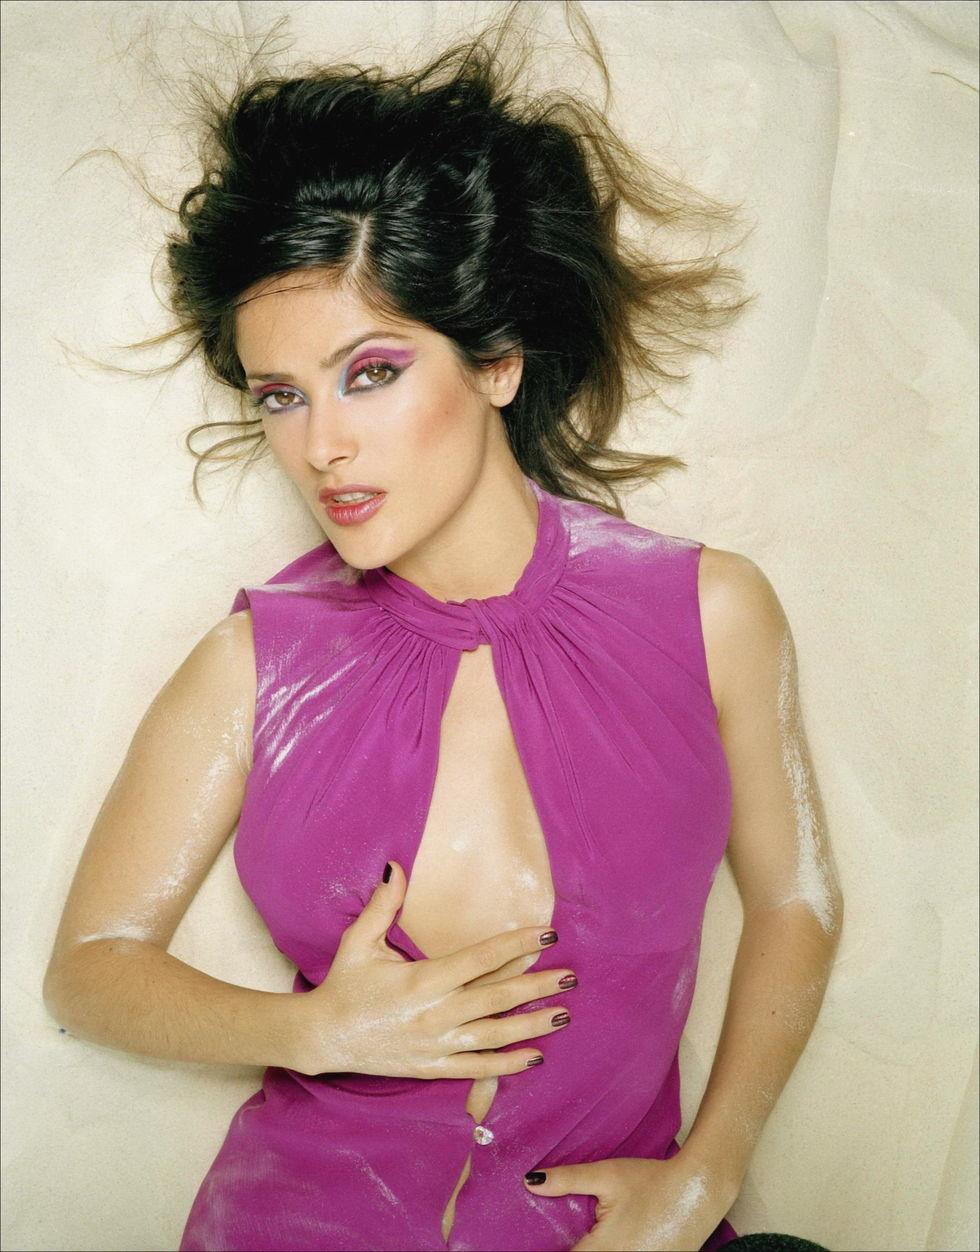 salma-hayek-flaunt-magazine-photoshoot-01